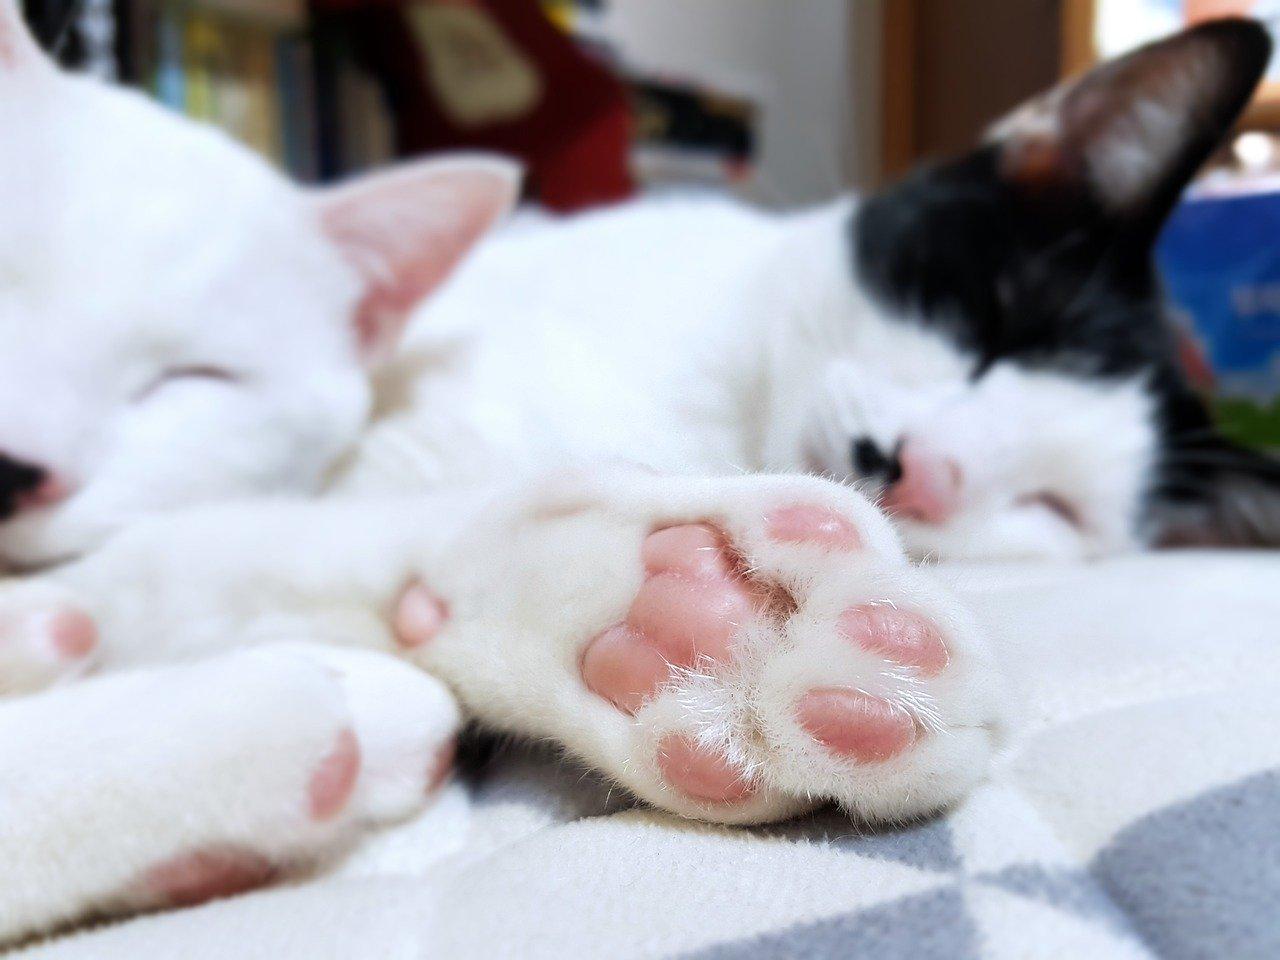 Las patas de gato tienen almohadillas carnosas y sin pelo en la parte inferior para brindar soporte